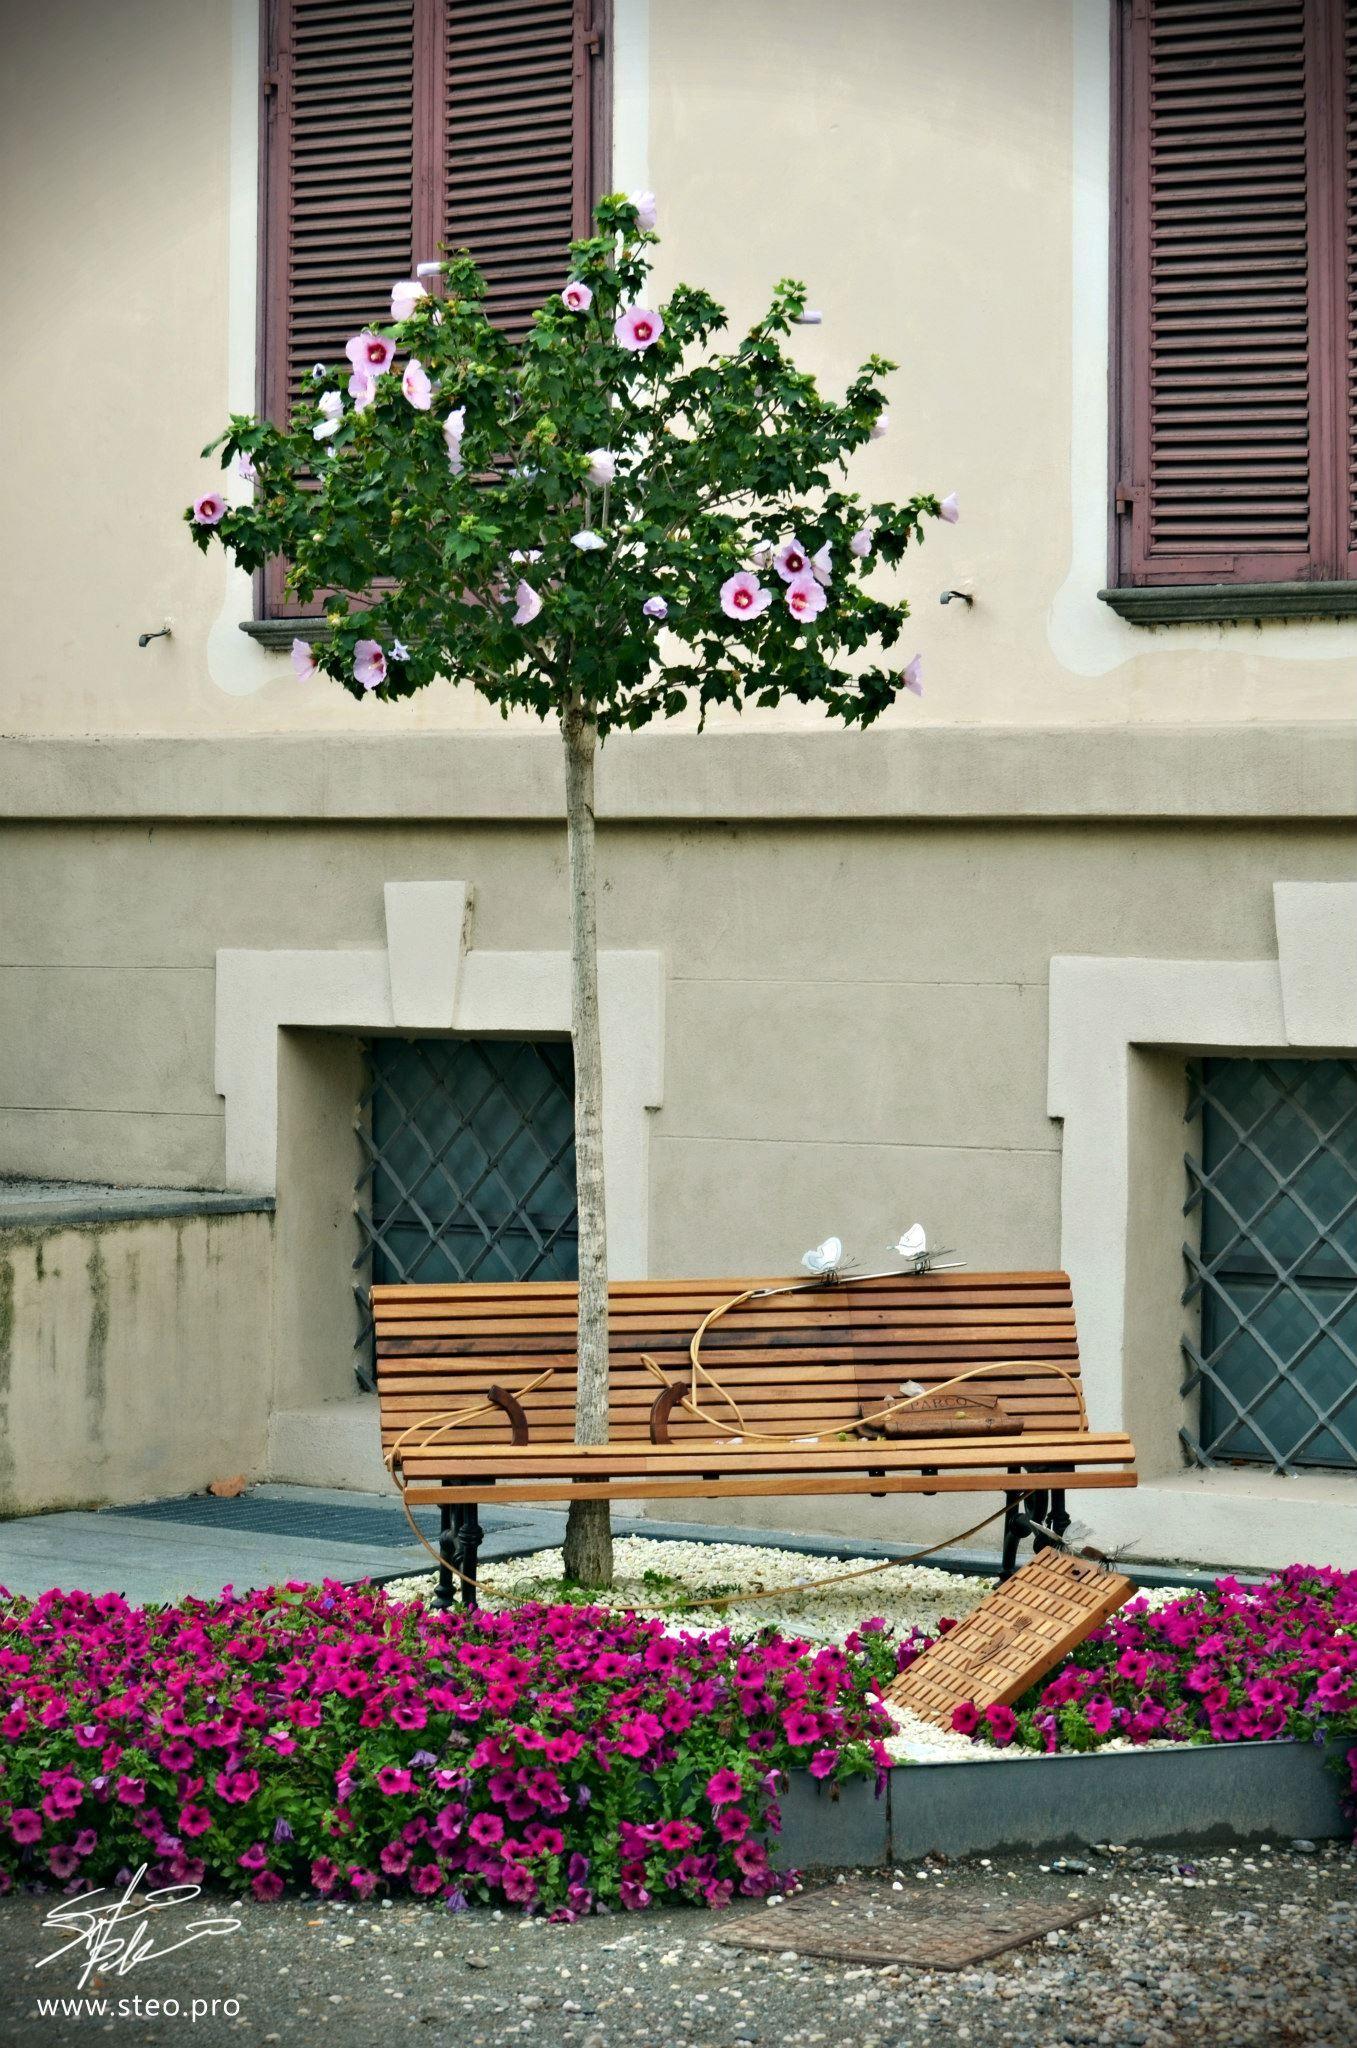 Lavoro Per Architetti Torino lavoro di rodolfo. parco rignon, torino natura prorompente